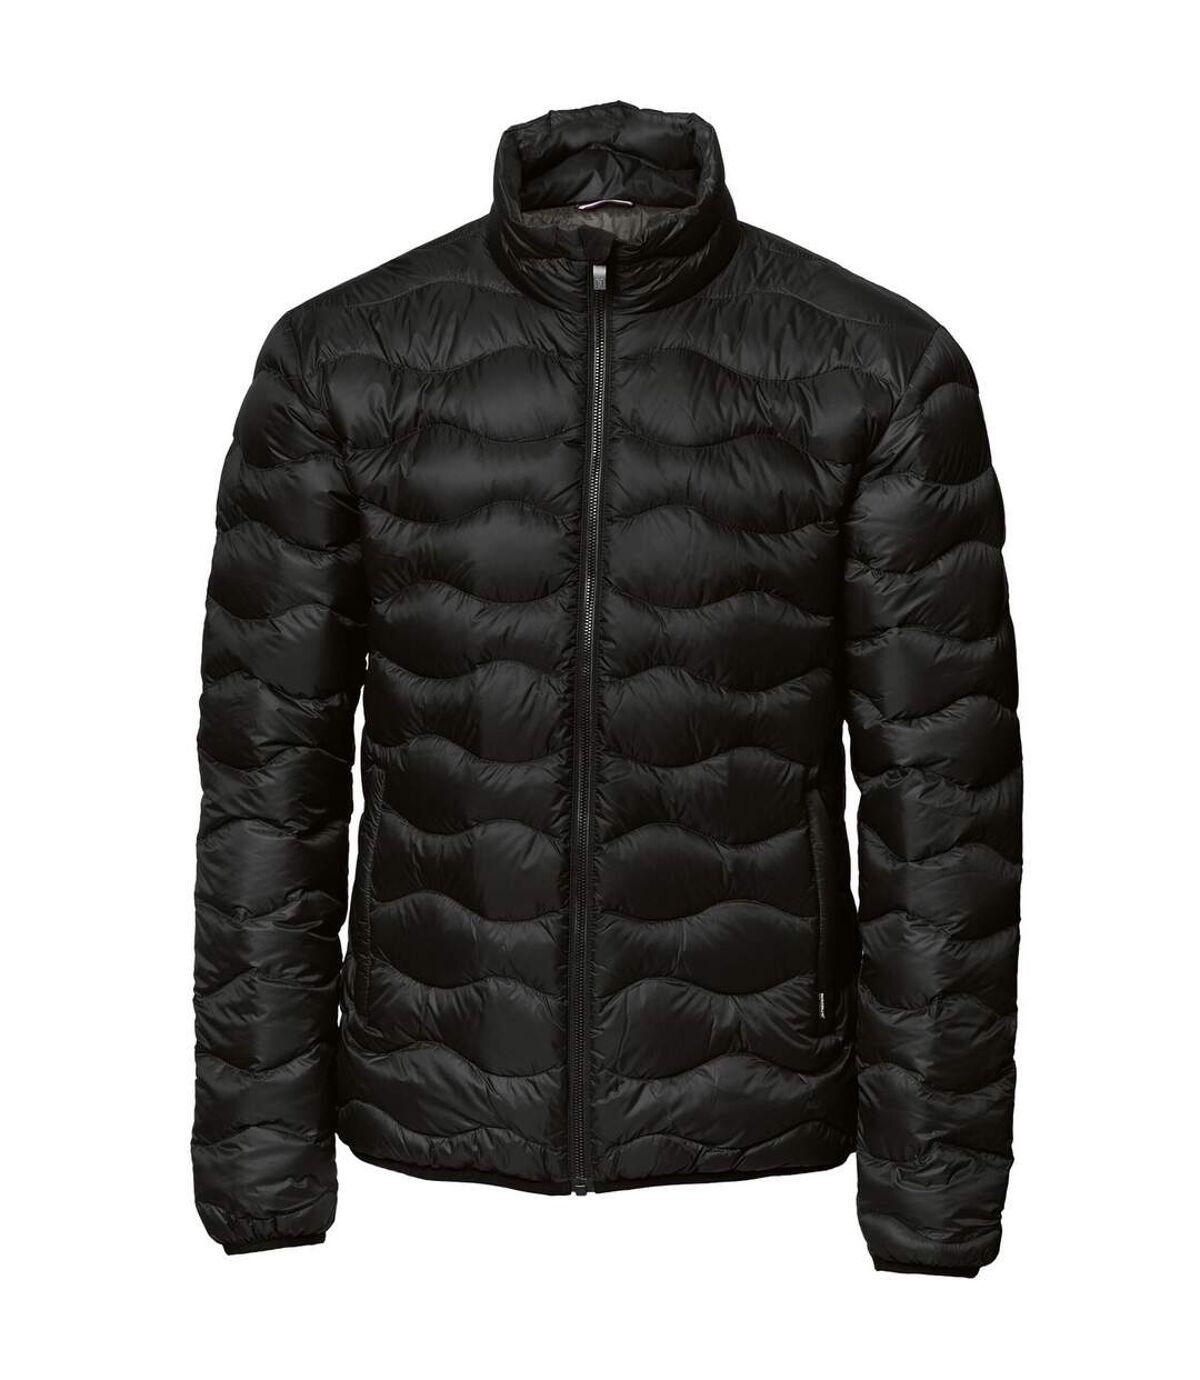 Nimbus Mens Sierra Padded Water Repellent Down Jacket (Black) - UTRW5331